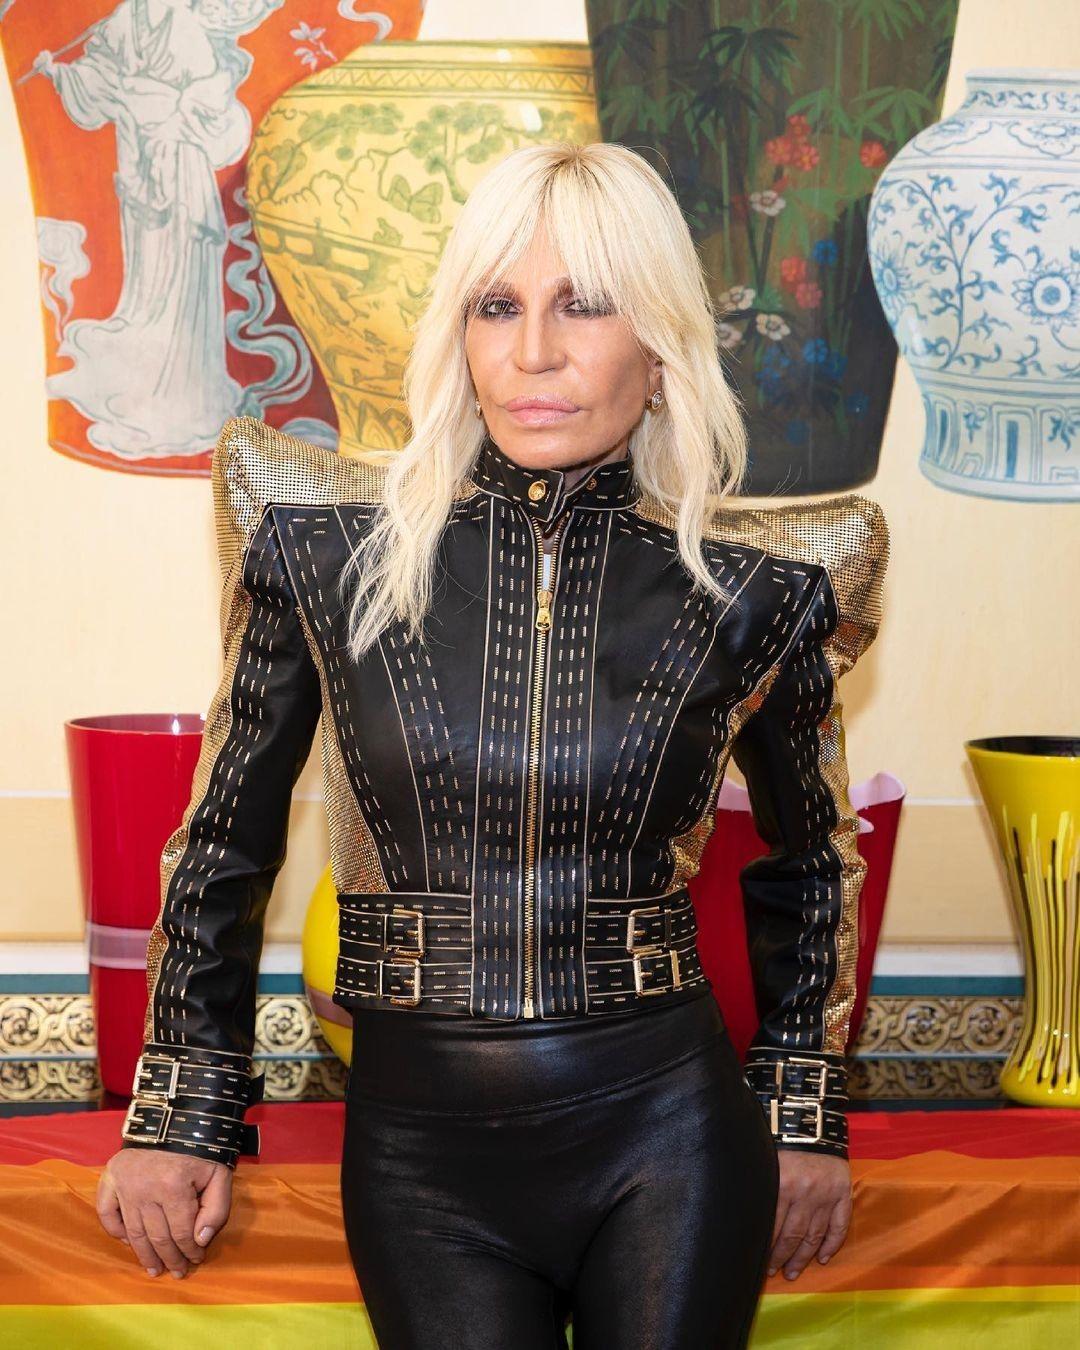 Giacca di Lady Gaga - neomag.